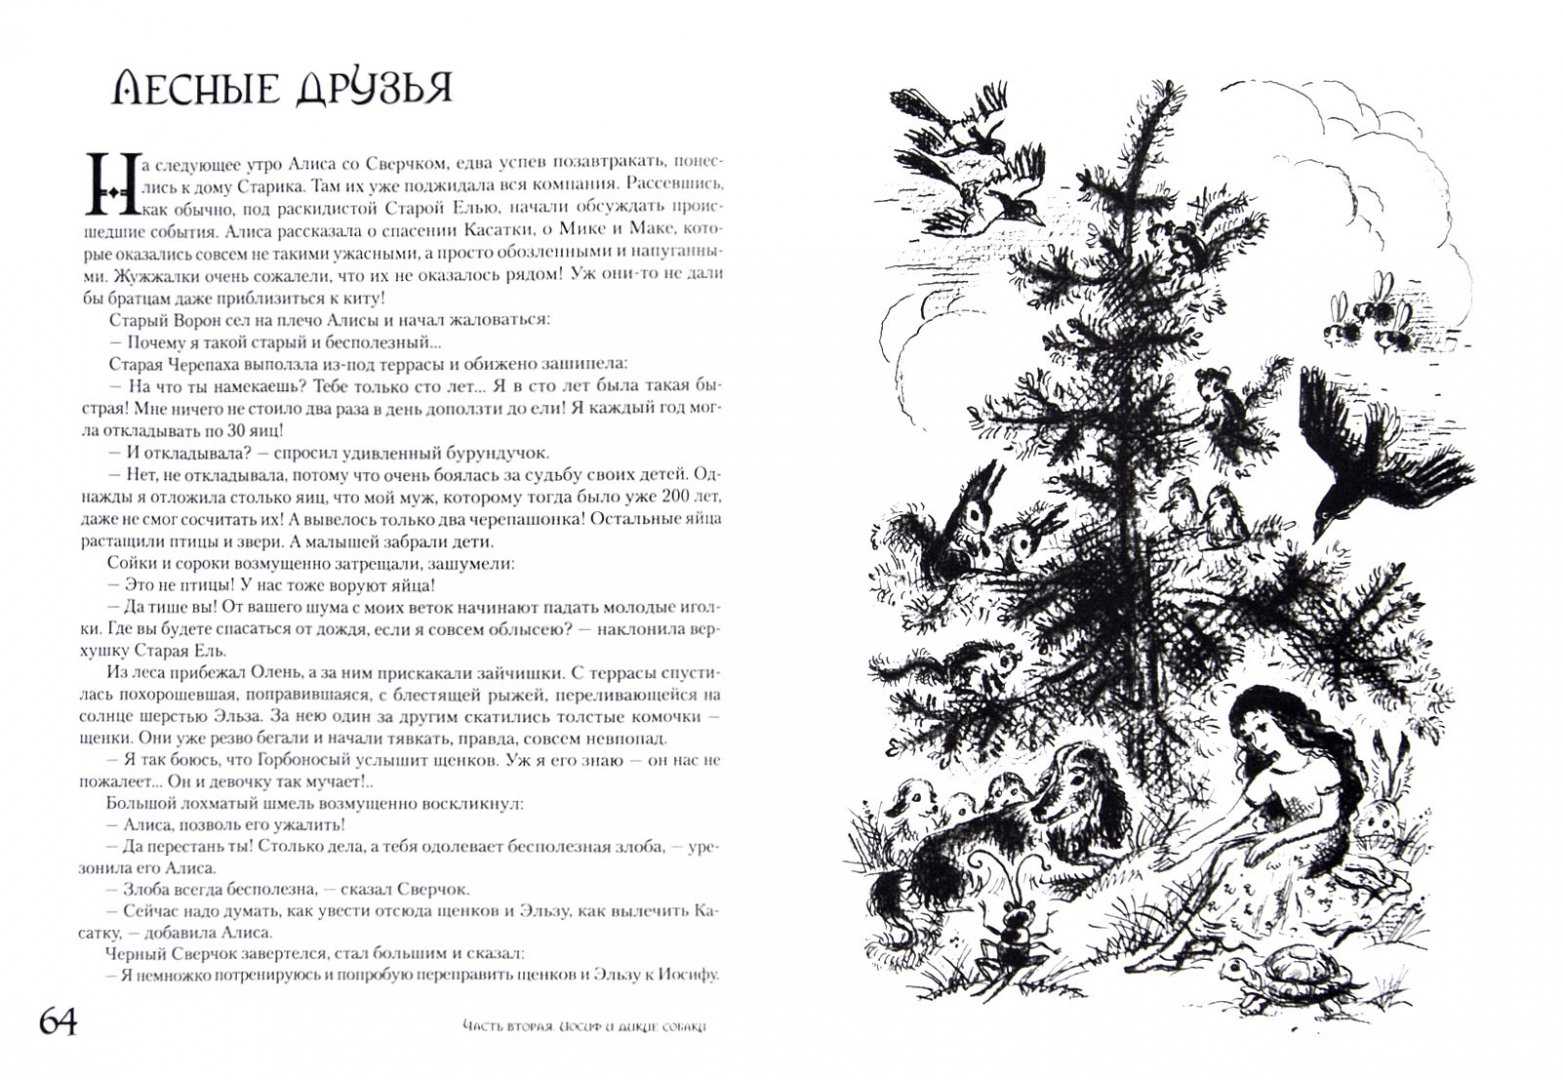 Иллюстрация 1 из 21 для Волшебная скрипка Мастера. Сказка в 3-х книгах и 7-ми частях. Книга 1 - Ника Андерс | Лабиринт - книги. Источник: Лабиринт